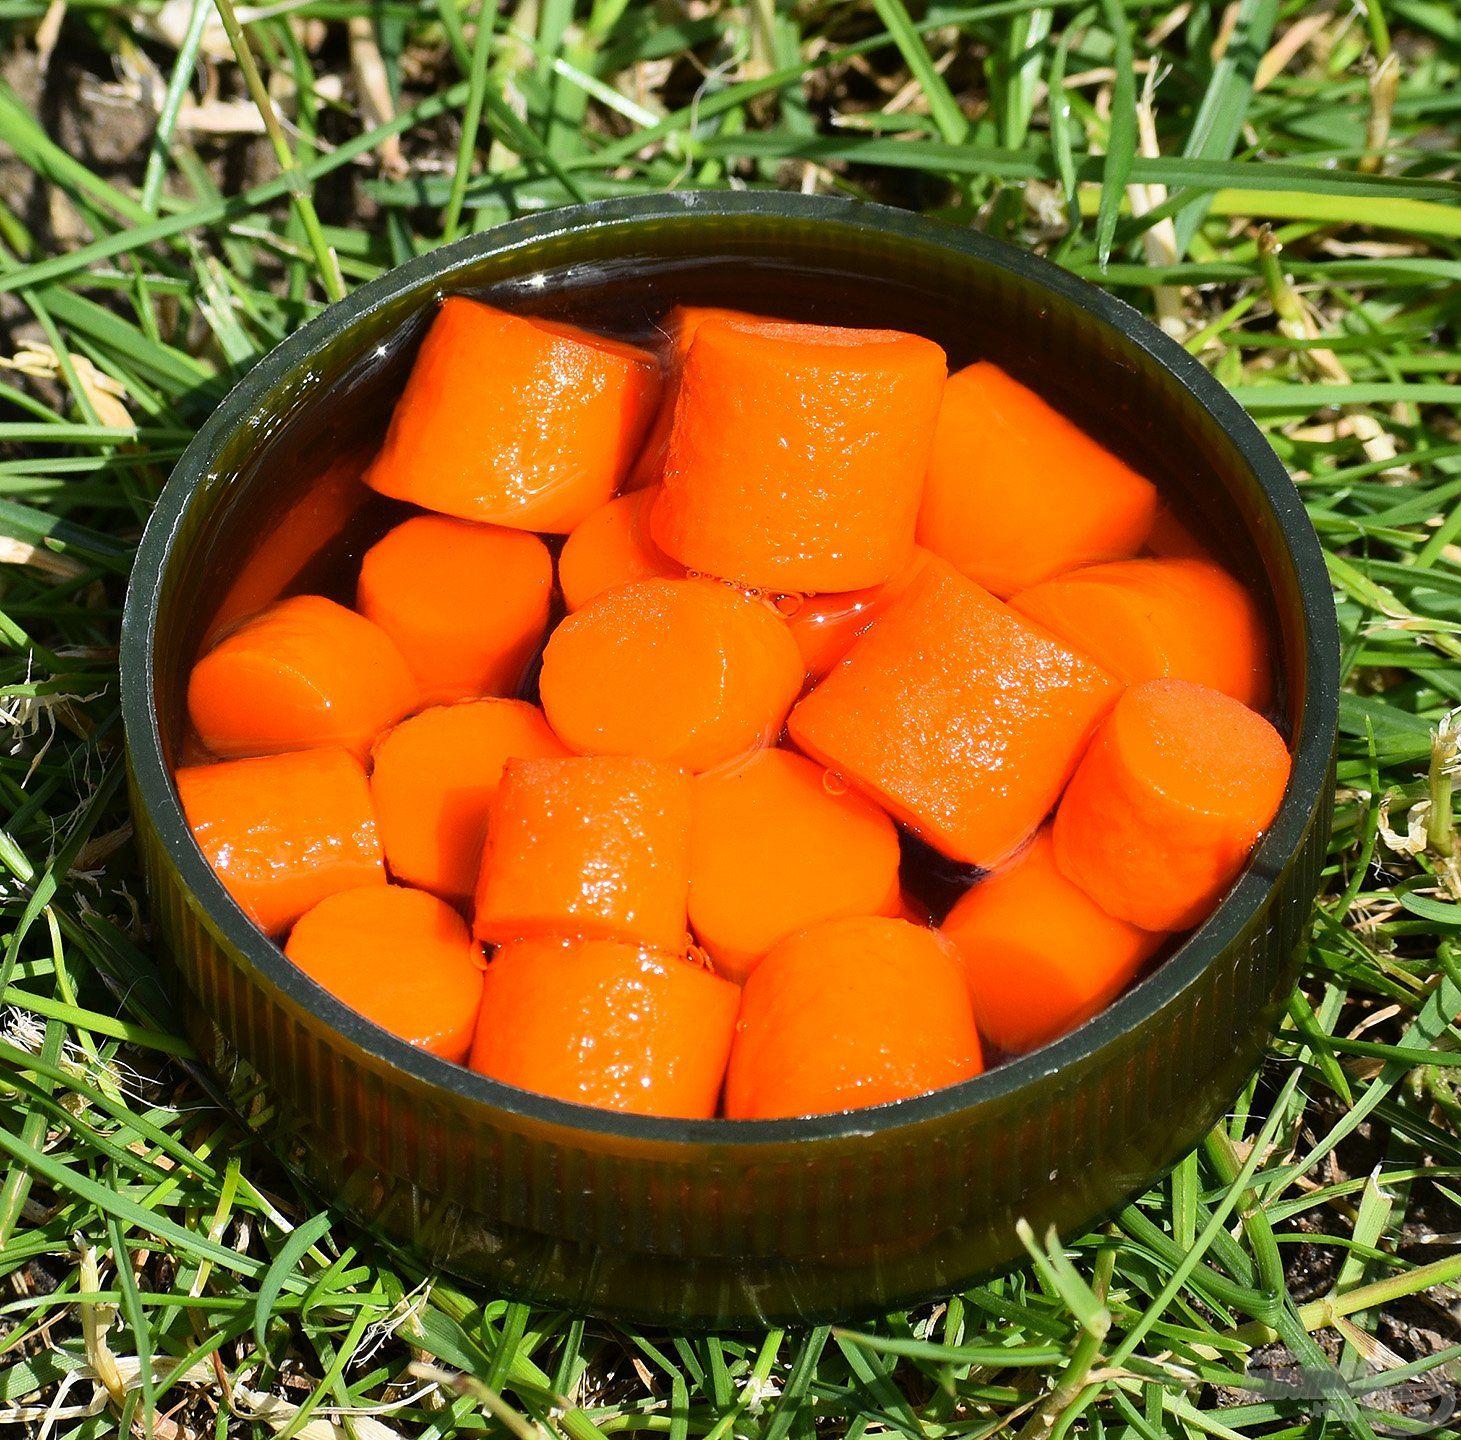 FermentX Natural Bait - Tejsavas Mézes Pálinka narancssárga színnel és tejsavas, mézes, barackpálinkás ízzel, illattal